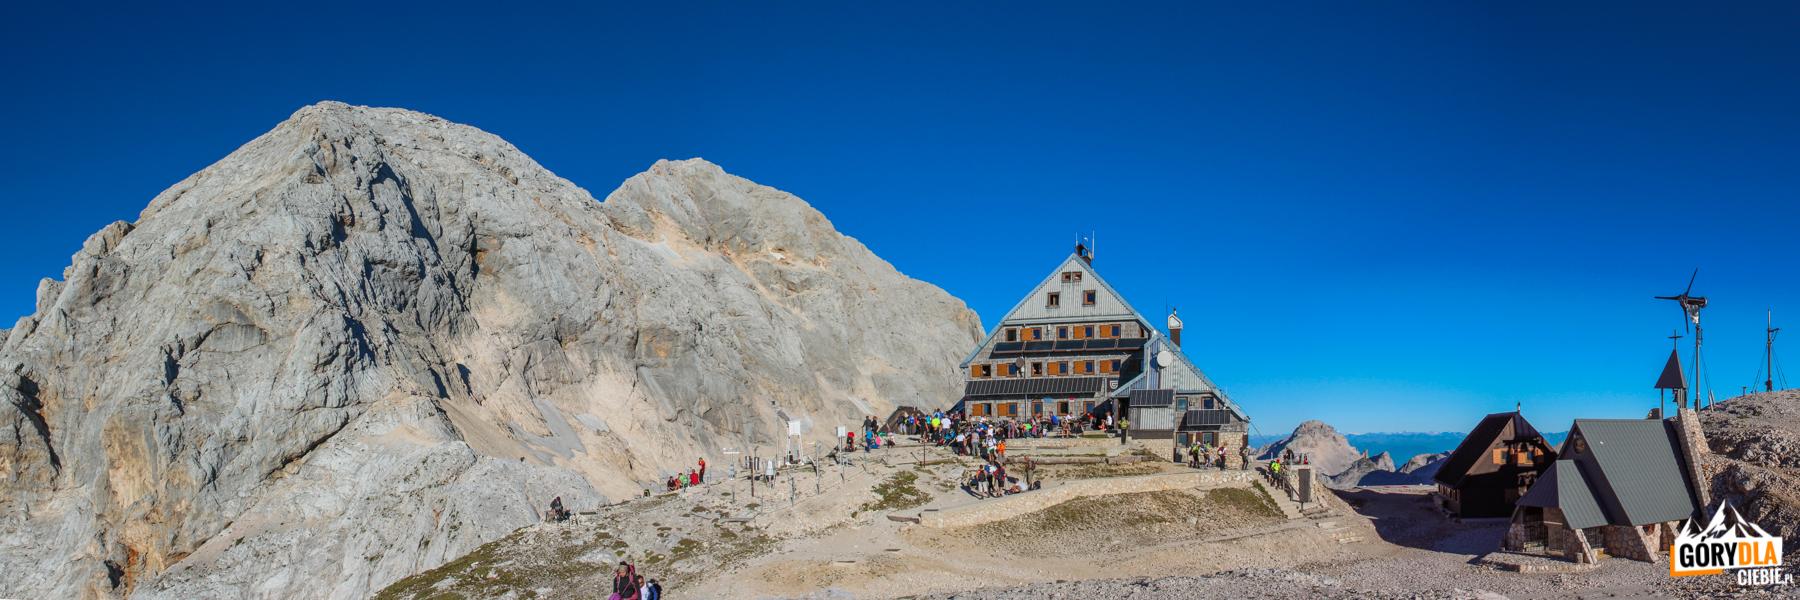 """Schronisko """"Triglavski dom naKredarici"""" (2515 m), wtle Triglav"""